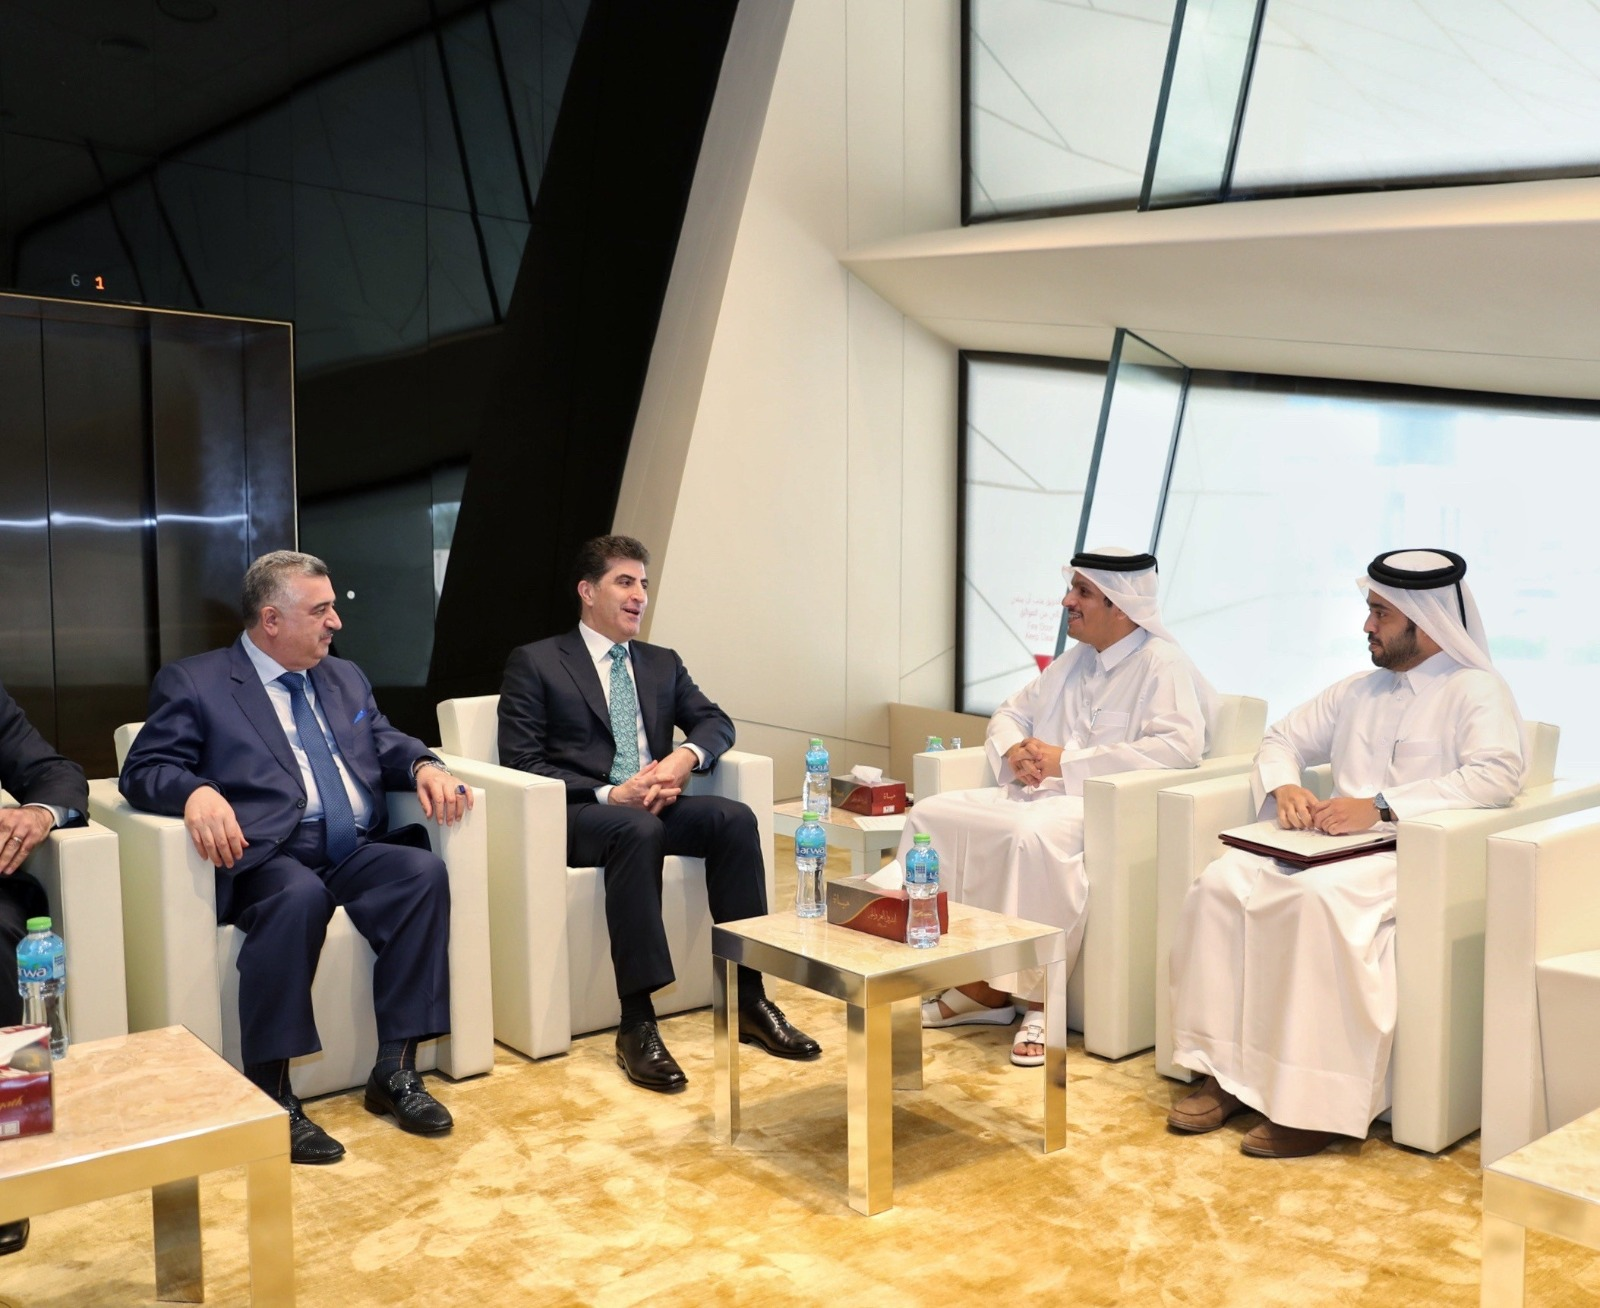 نائب رئيس مجلس الوزراء وزير الخارجية يجتمع مع رئيس إقليم كردستان العراق